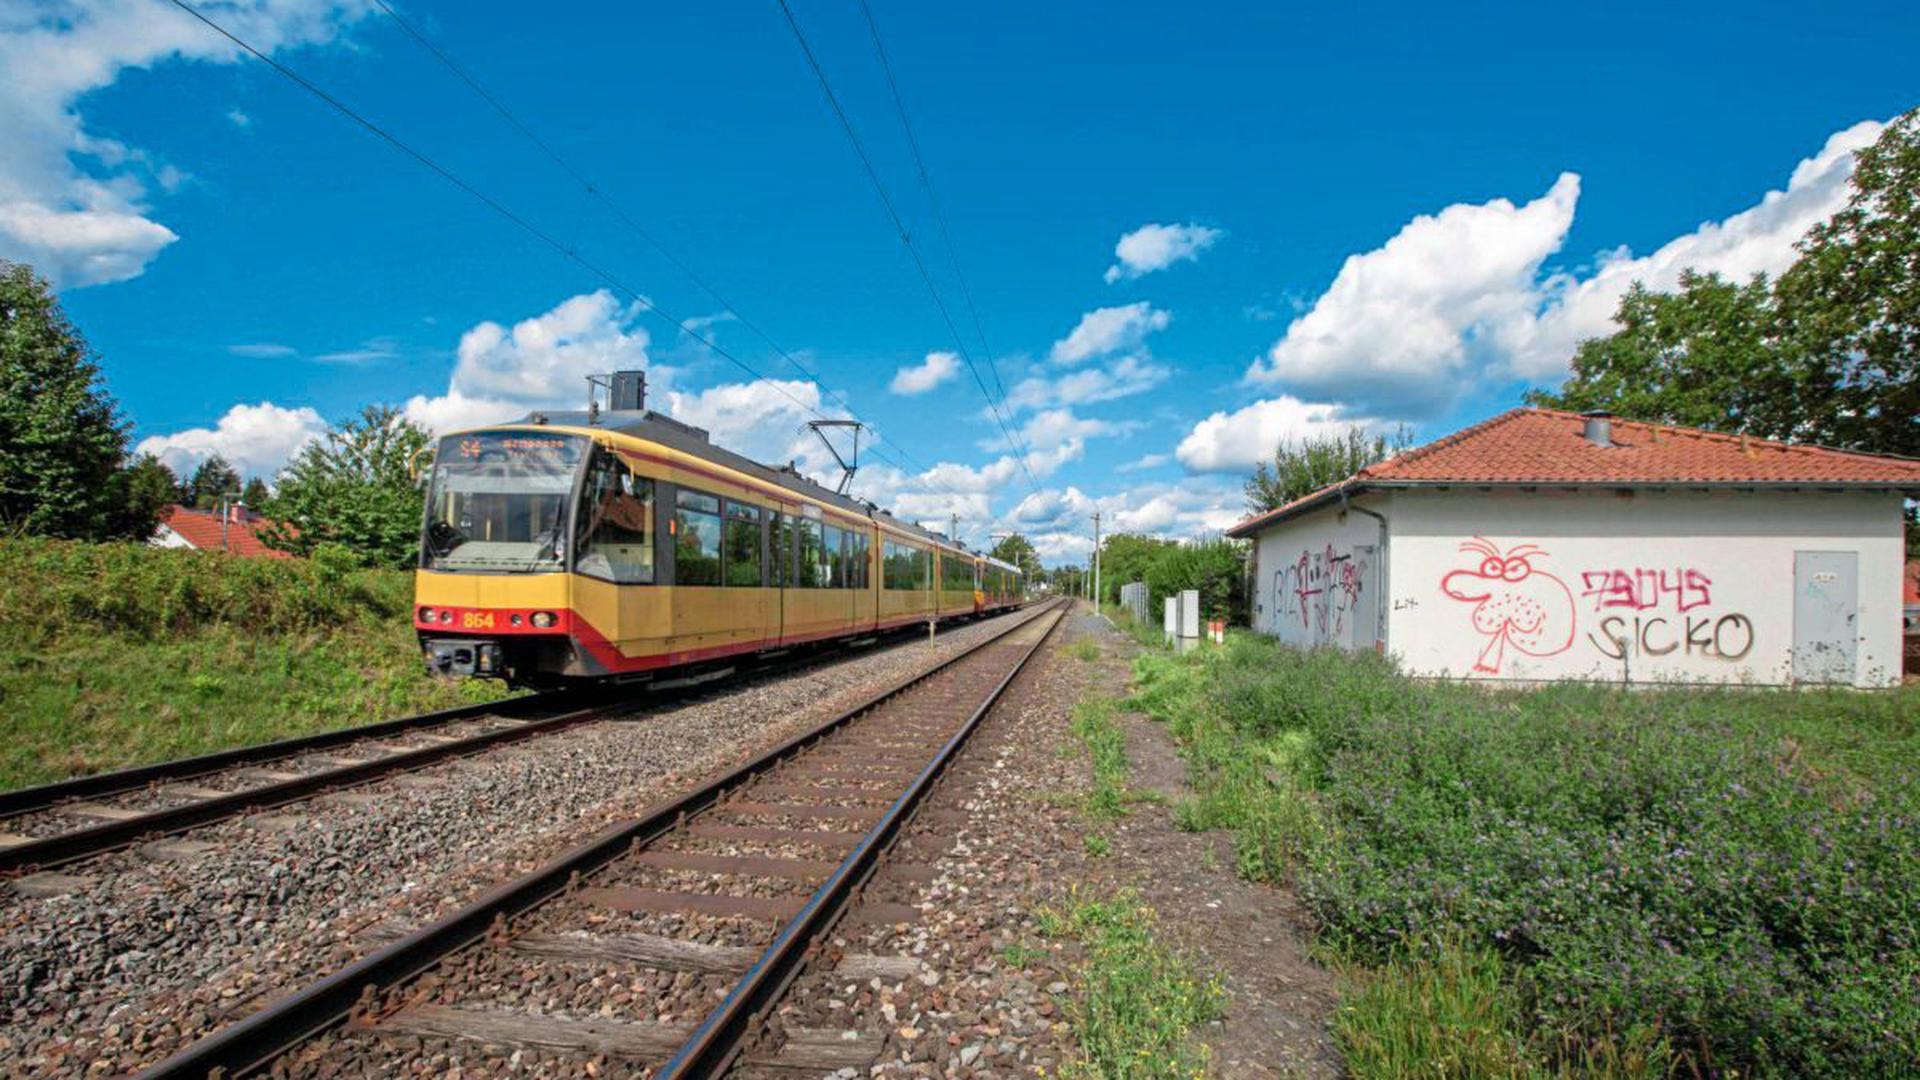 """Eher unscheinbar ist das von Graffiti """"verzierte"""" Stellwerk der Bahn an der S4-Strecke Karlsruhe – Bretten in Jöhlingen. Die AVG, die diese Strecke fährt, hat das Stellwerk, das immer wieder Probleme verursacht, von der Bahn gepachtet."""